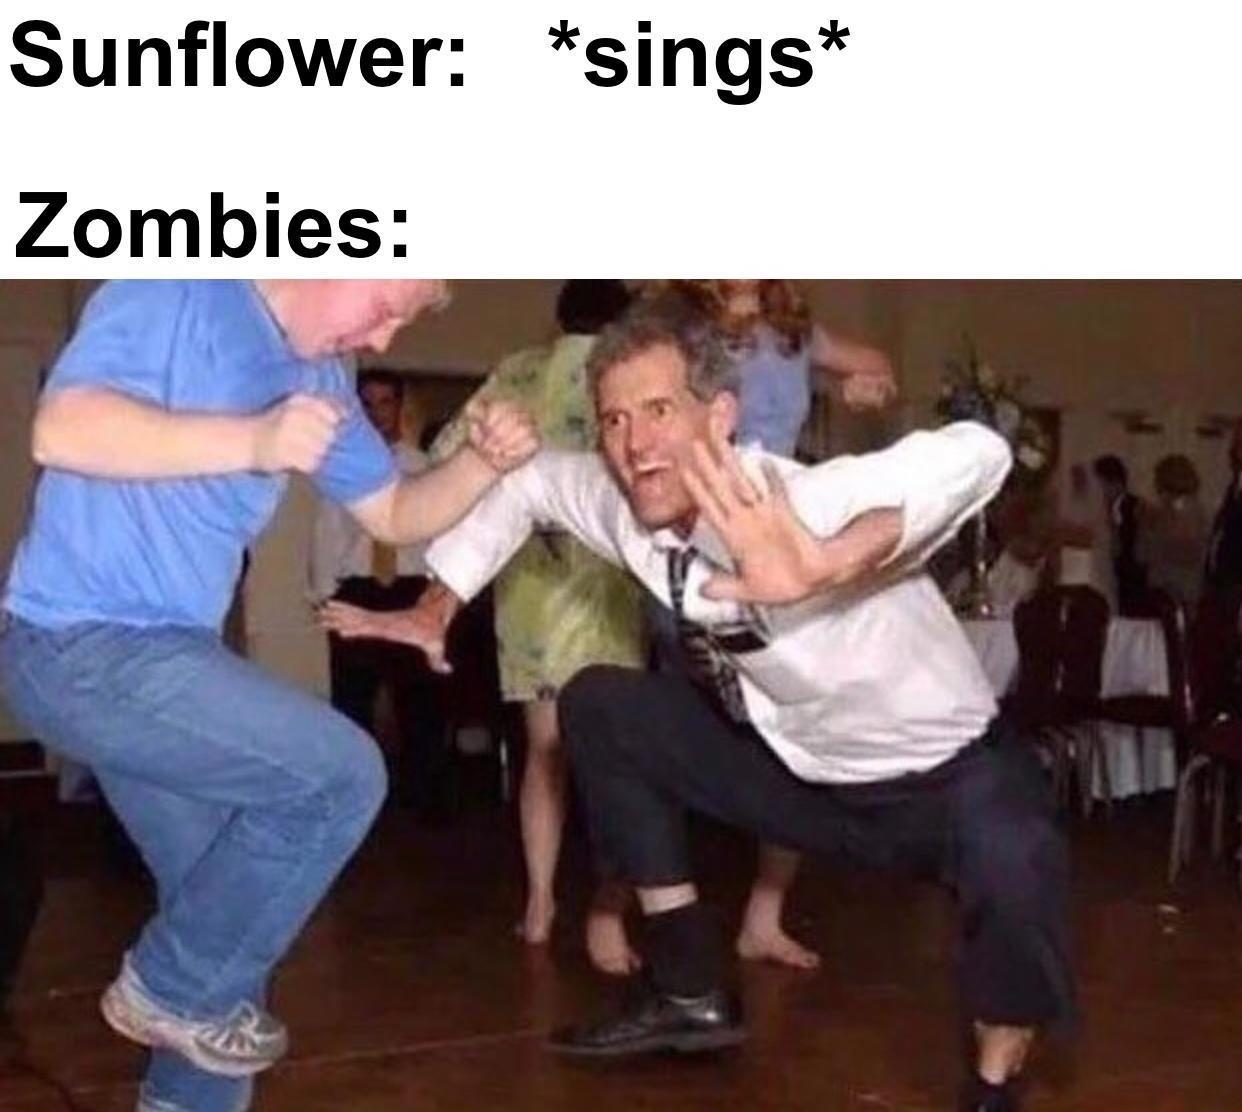 Al final la girasol canta pues ya saben - meme